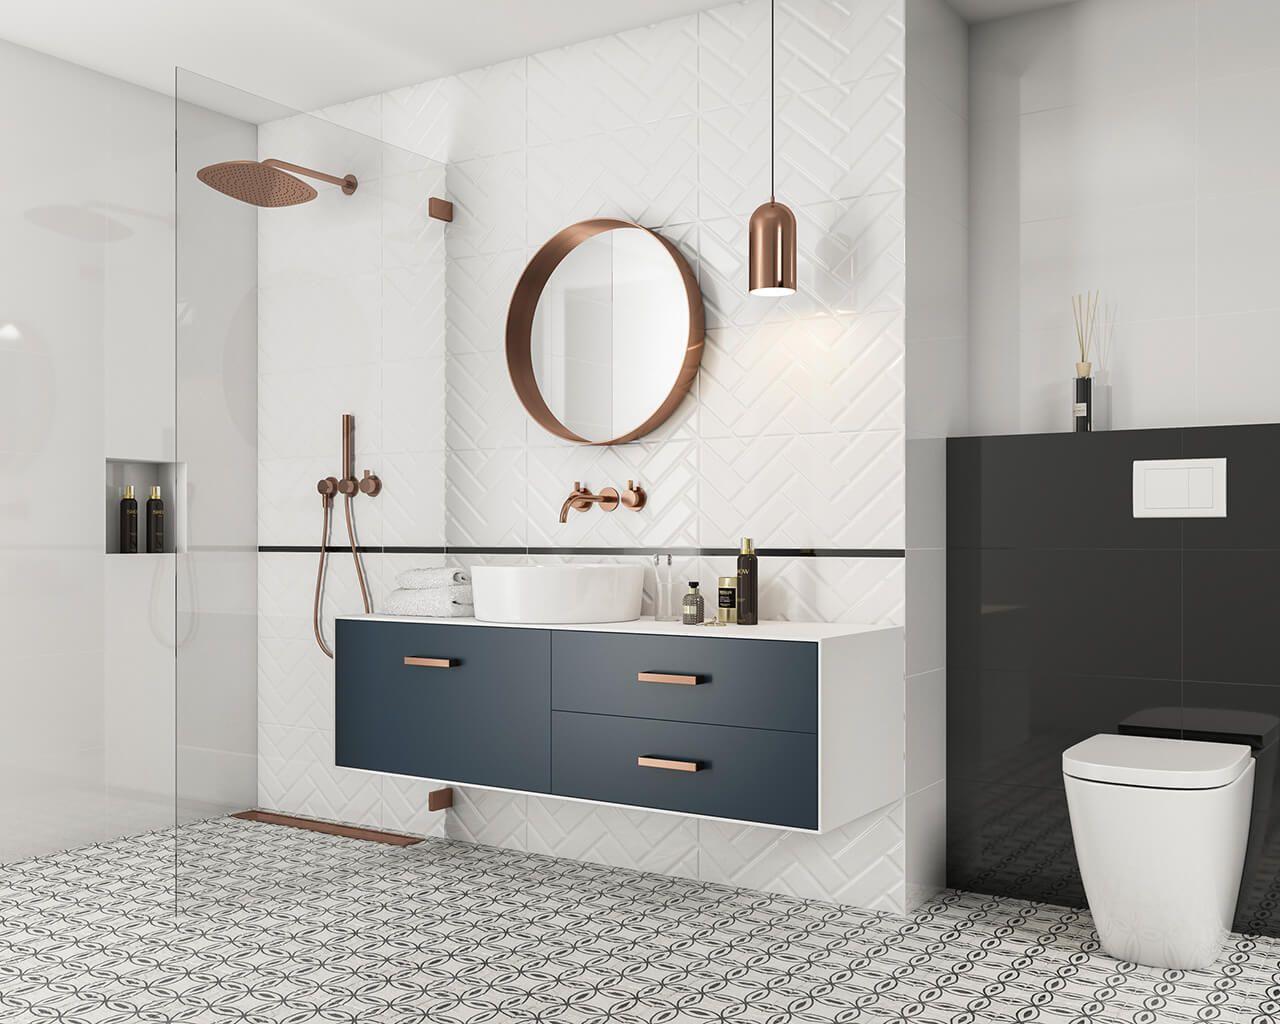 Błyszczące Białe Cegiełki I Wzorzysta Podłoga W łazience